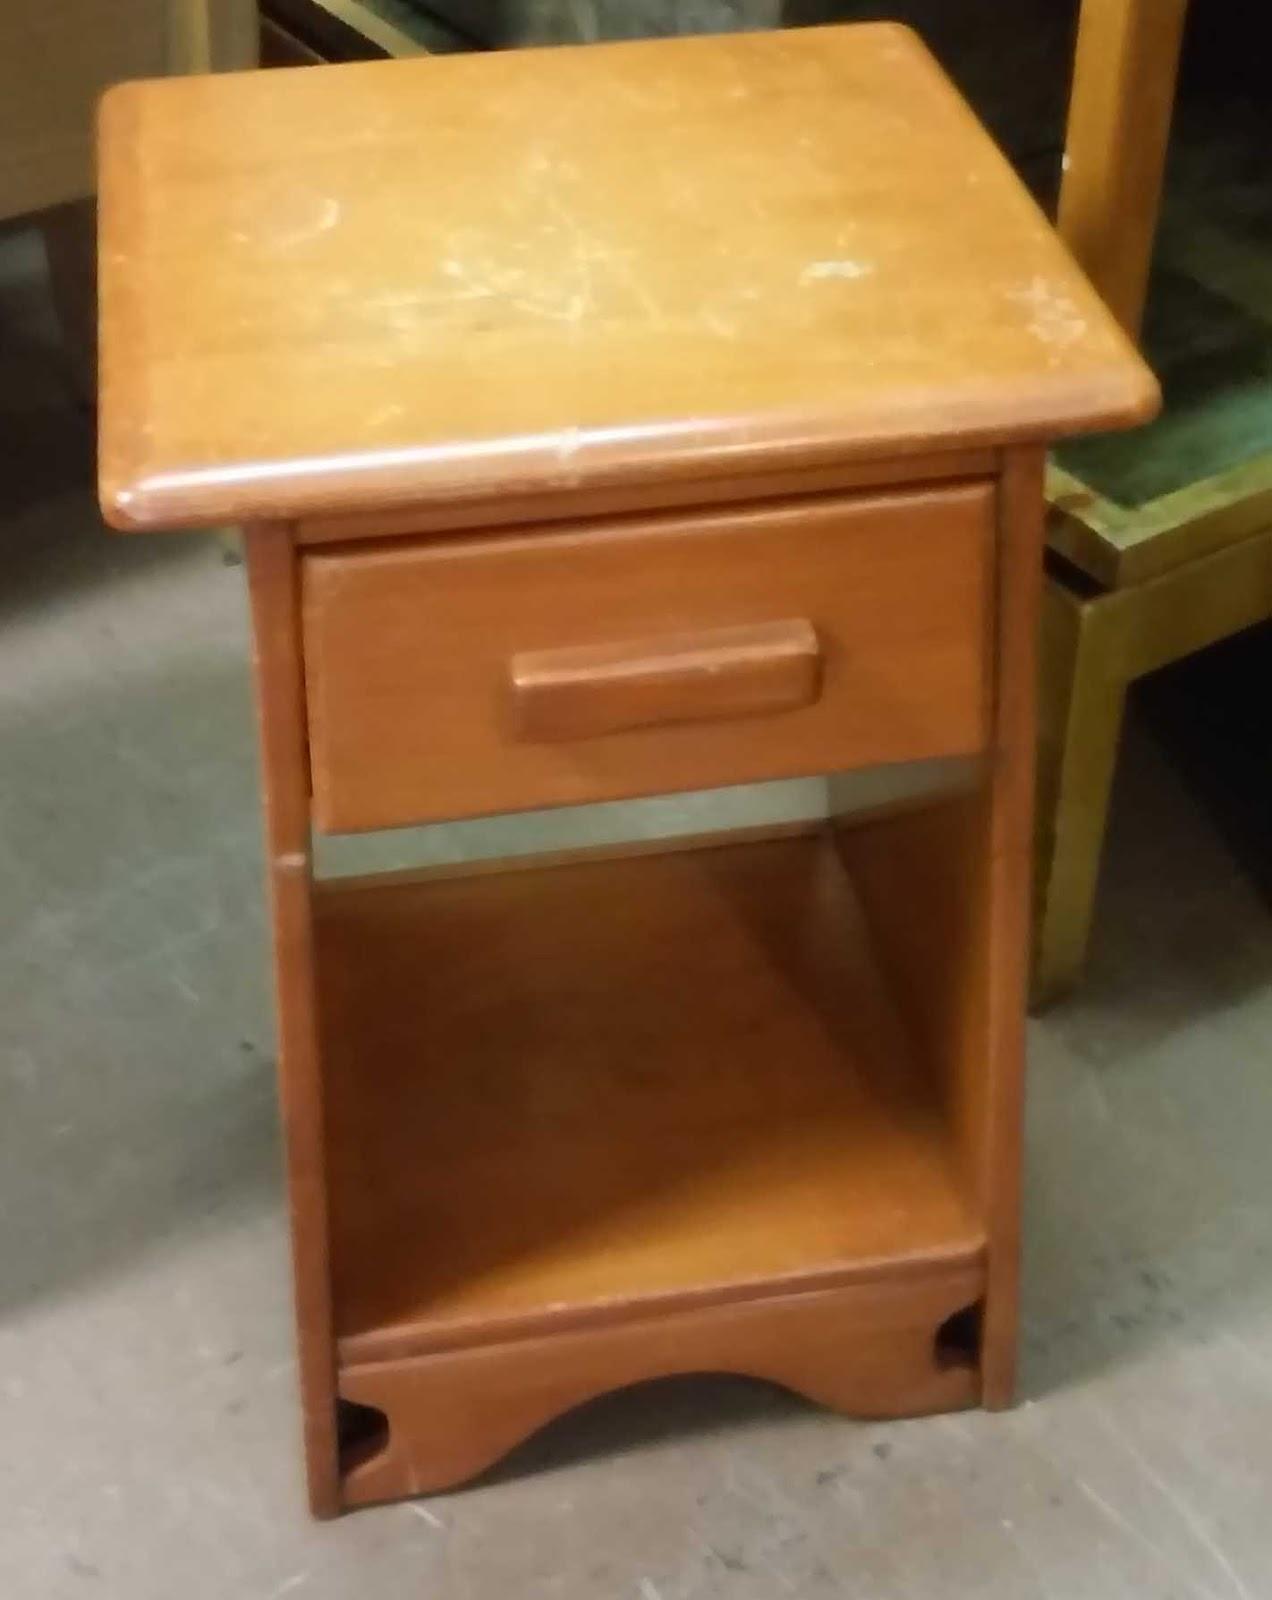 SOLD Vintage Maple Nightstand - $50 - UHURU FURNITURE & COLLECTIBLES: SOLD Vintage Maple Nightstand - $50